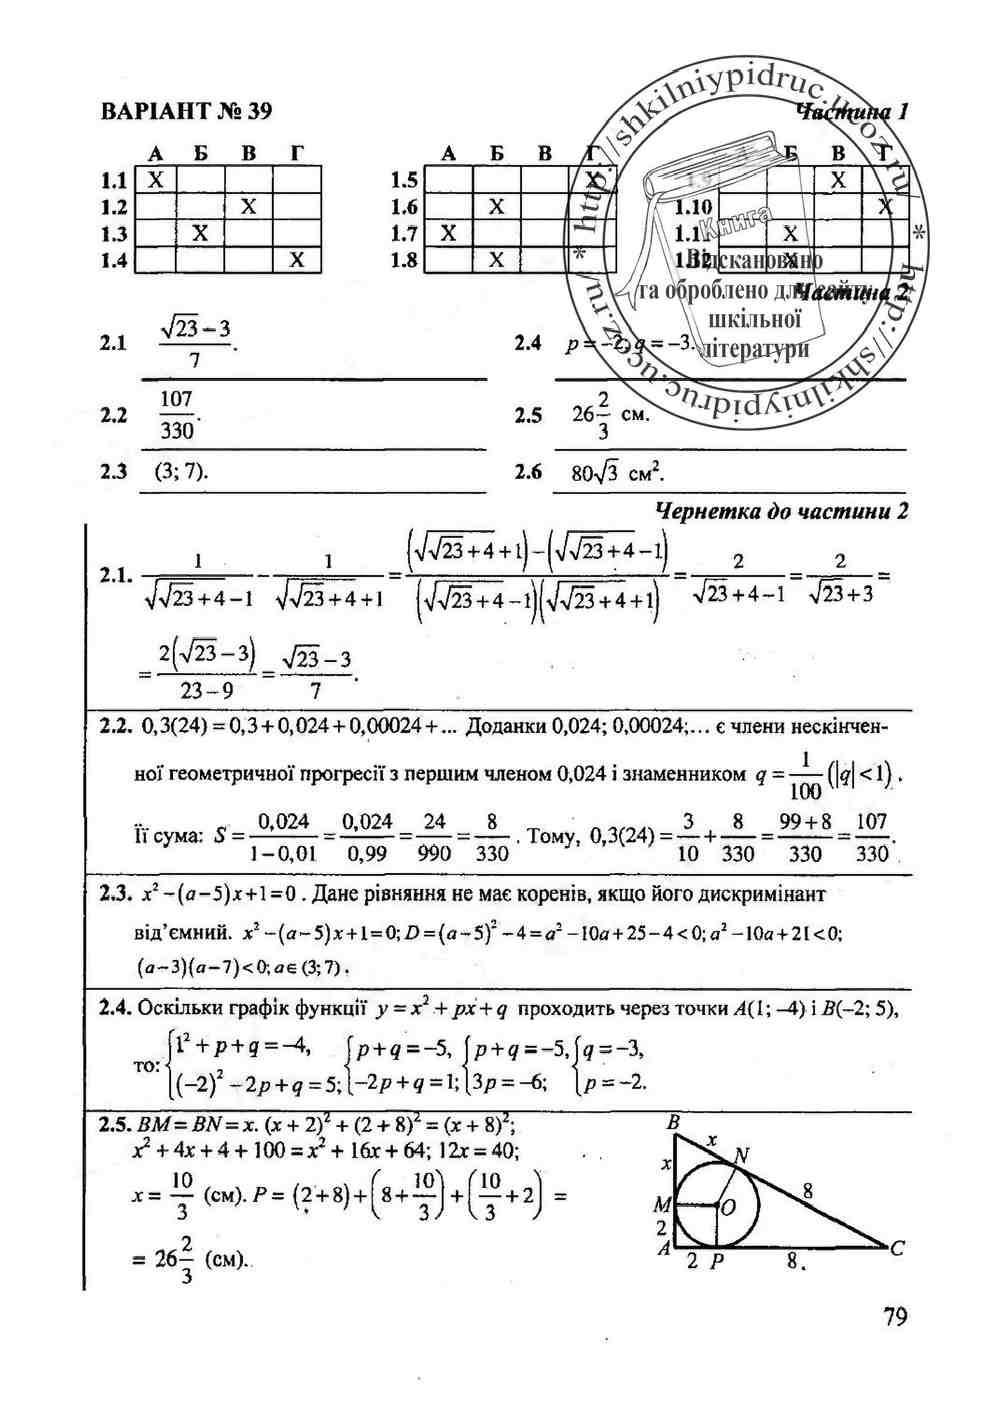 решебник на дпа 2019 11 класс физика